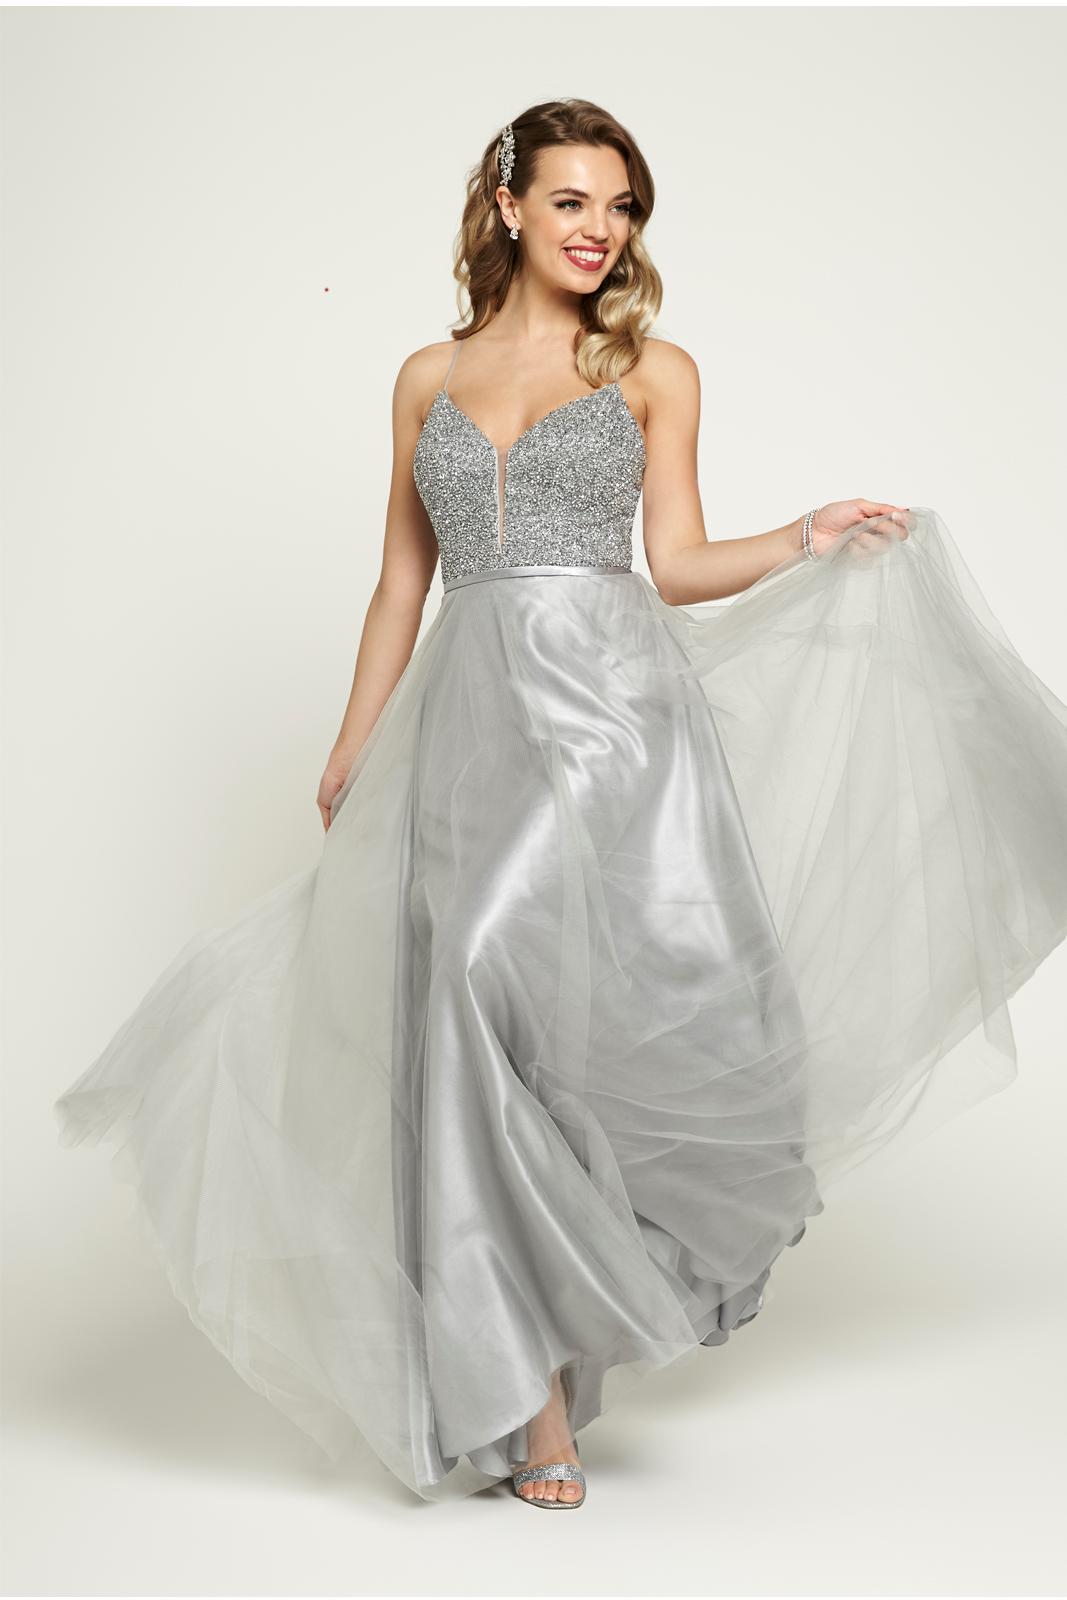 Tiffany - The Bridal Emporium